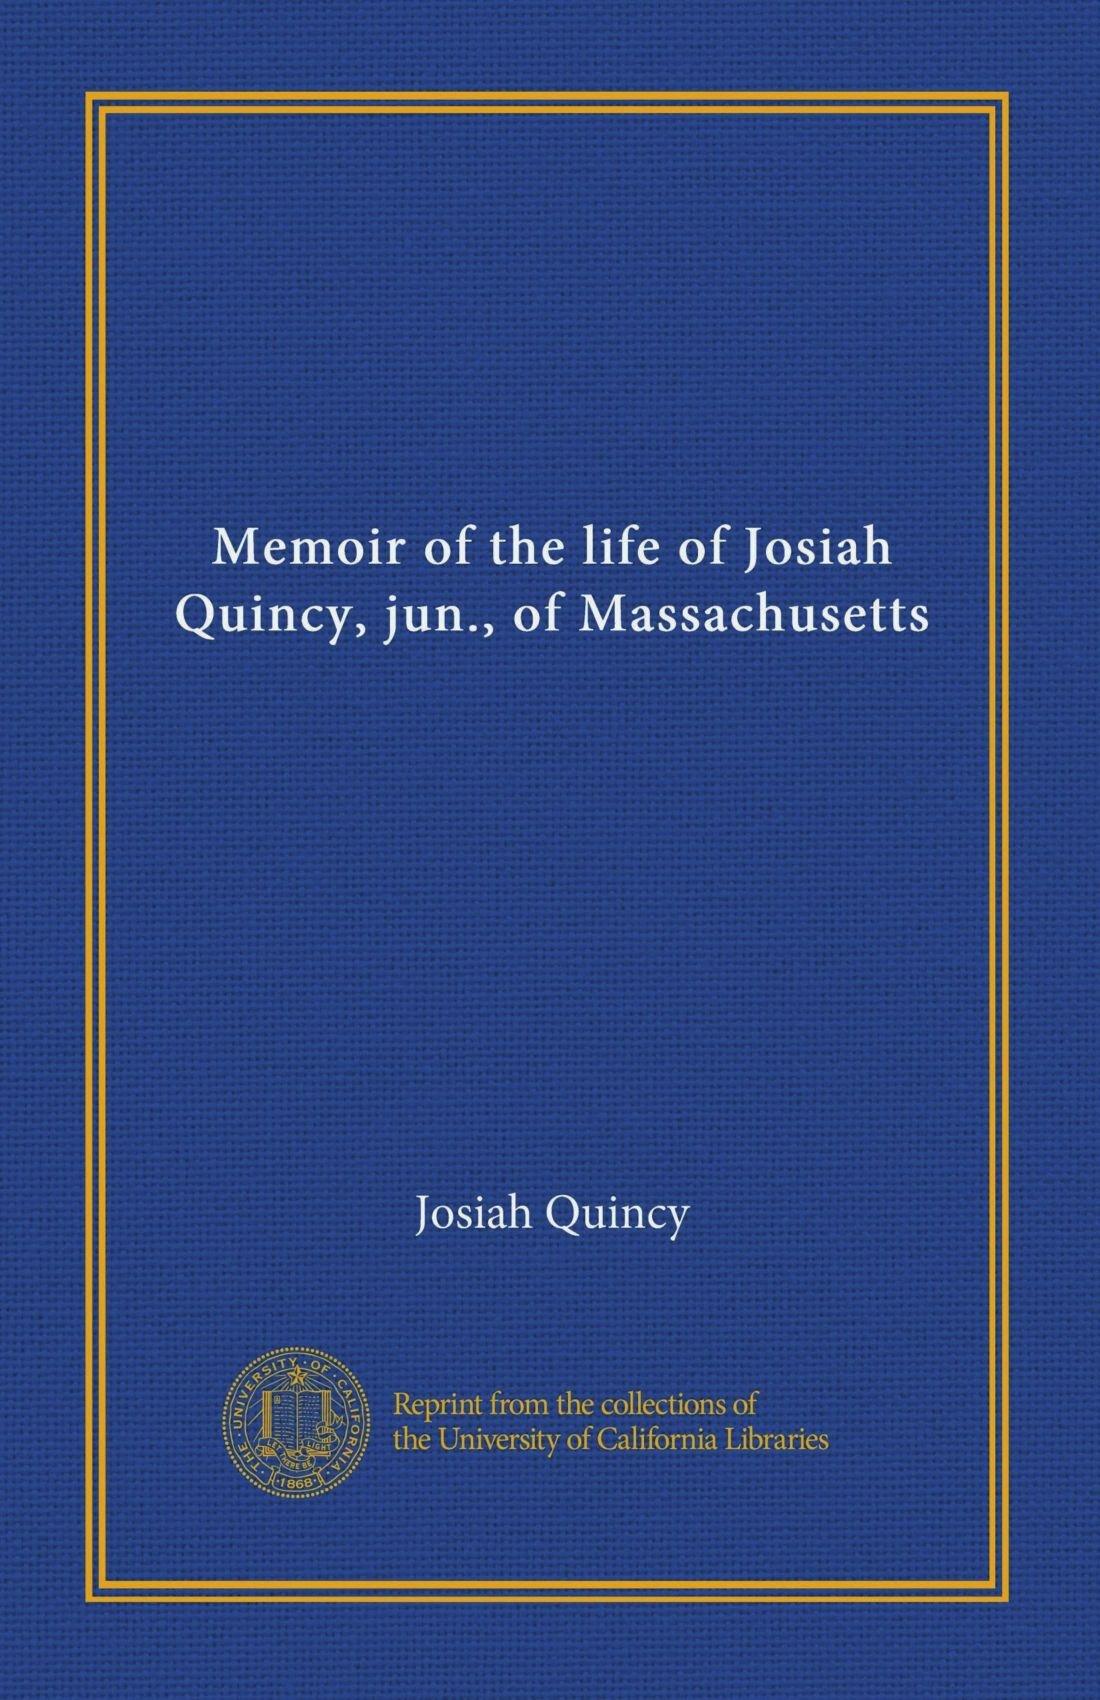 Memoir of the life of Josiah Quincy, jun., of Massachusetts PDF